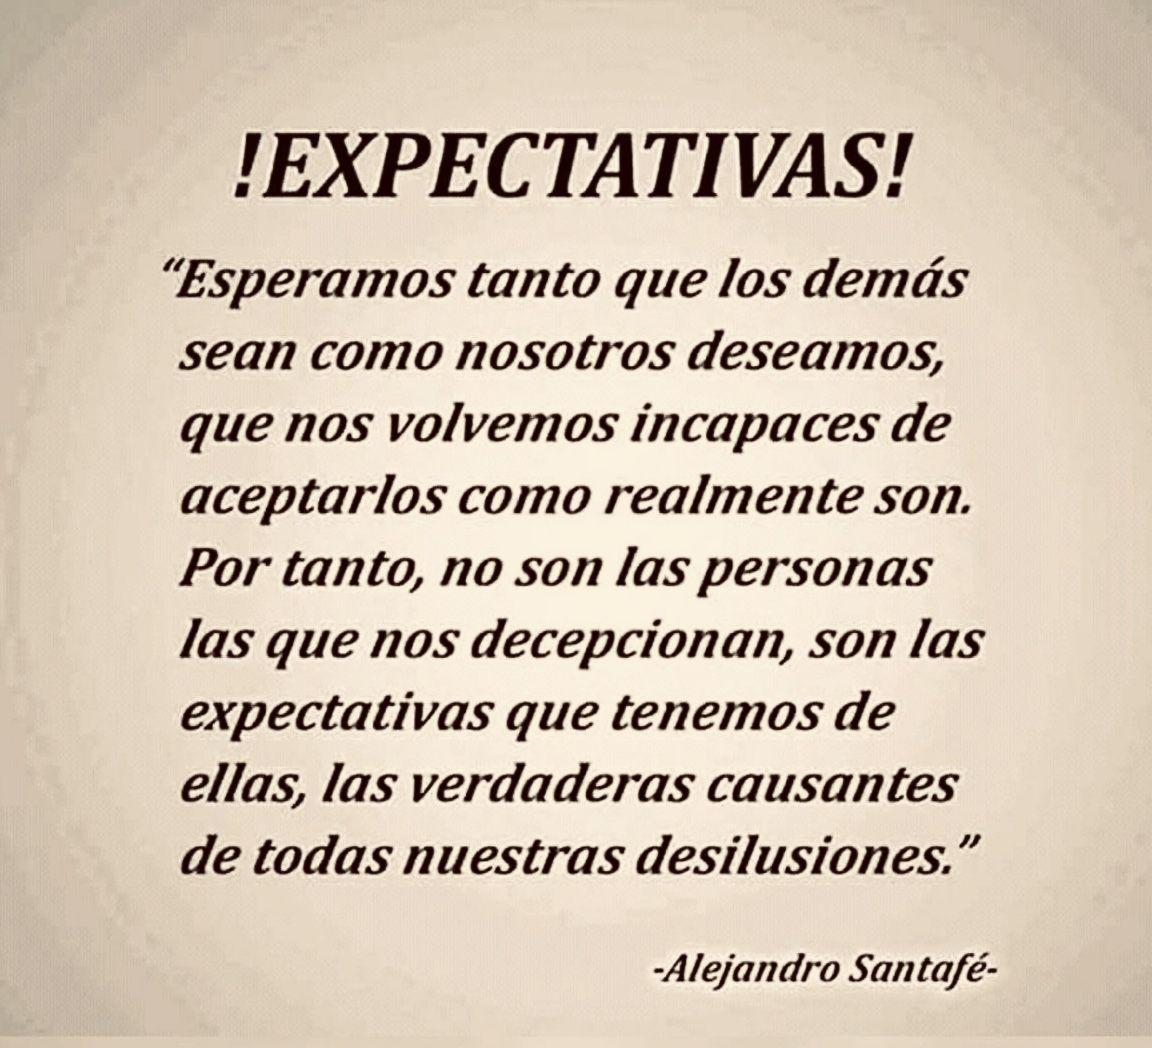 Expectativas Frases Pensamientos Frases De La Vida